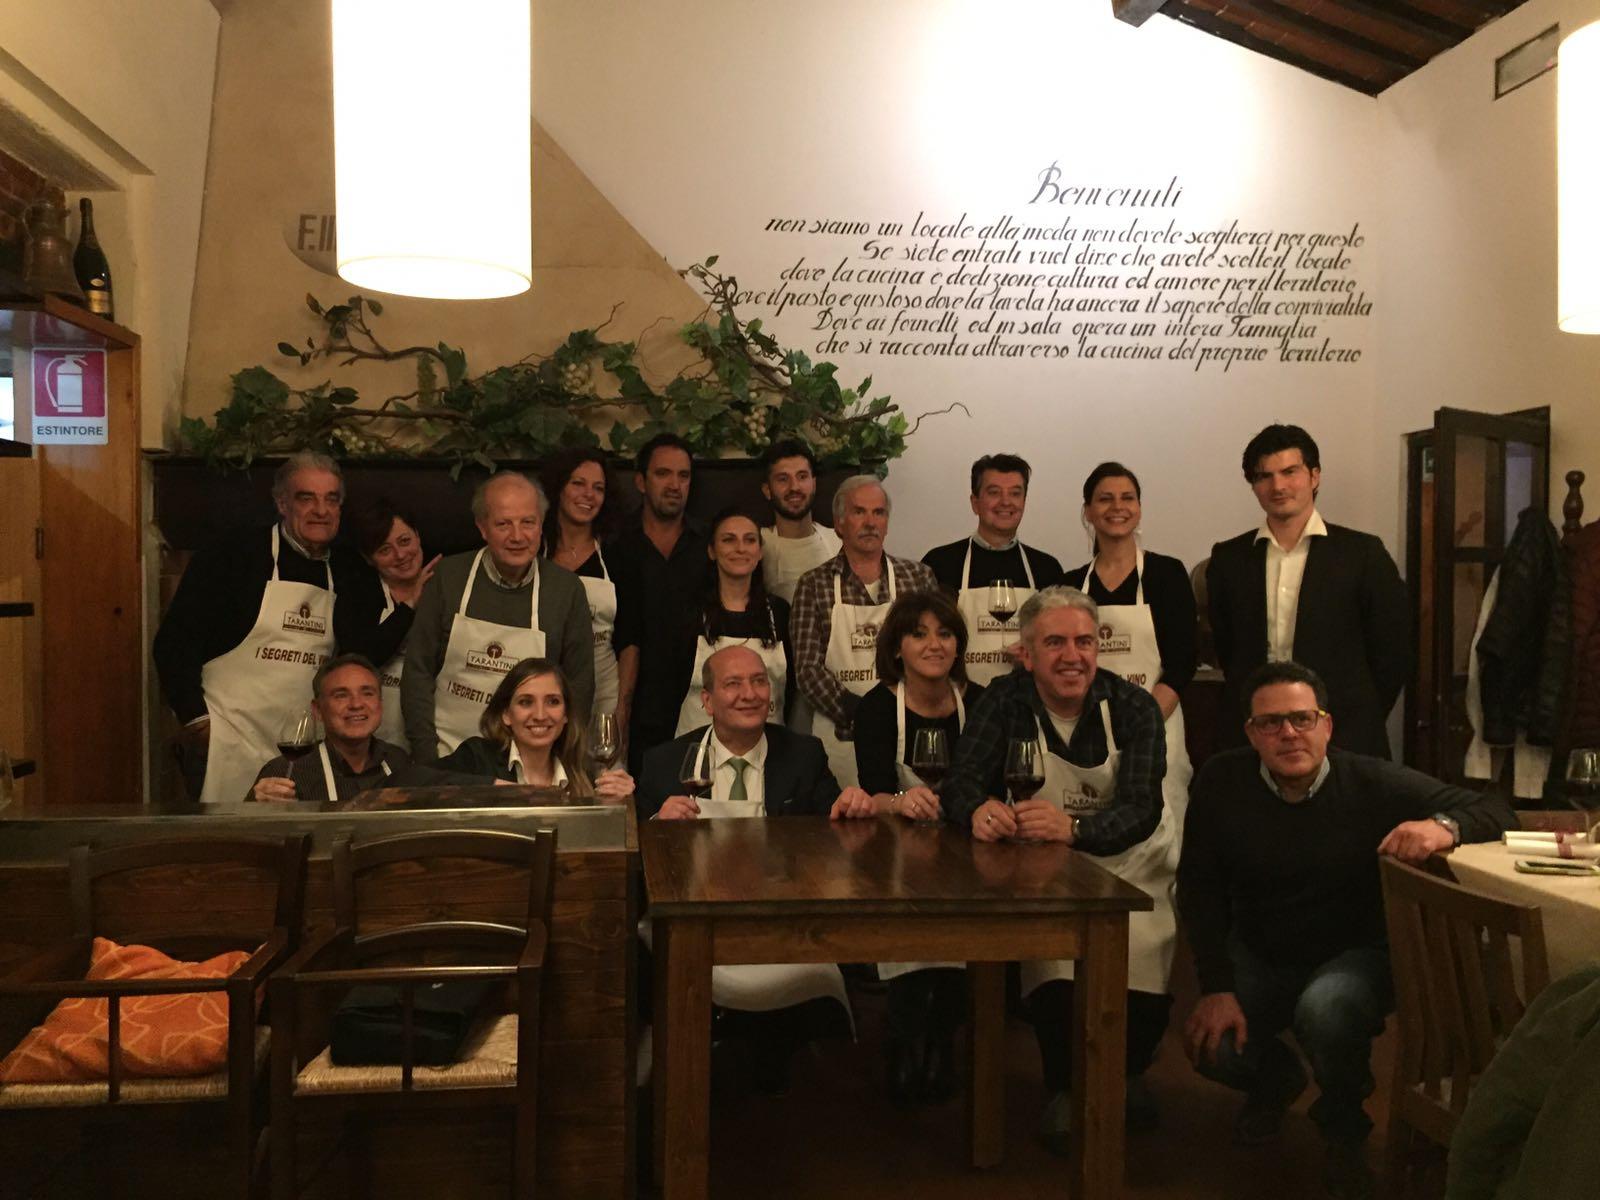 I Segreti del Vino successo del Minicorso al Ristorante F.lli Bernadini di Pontedera